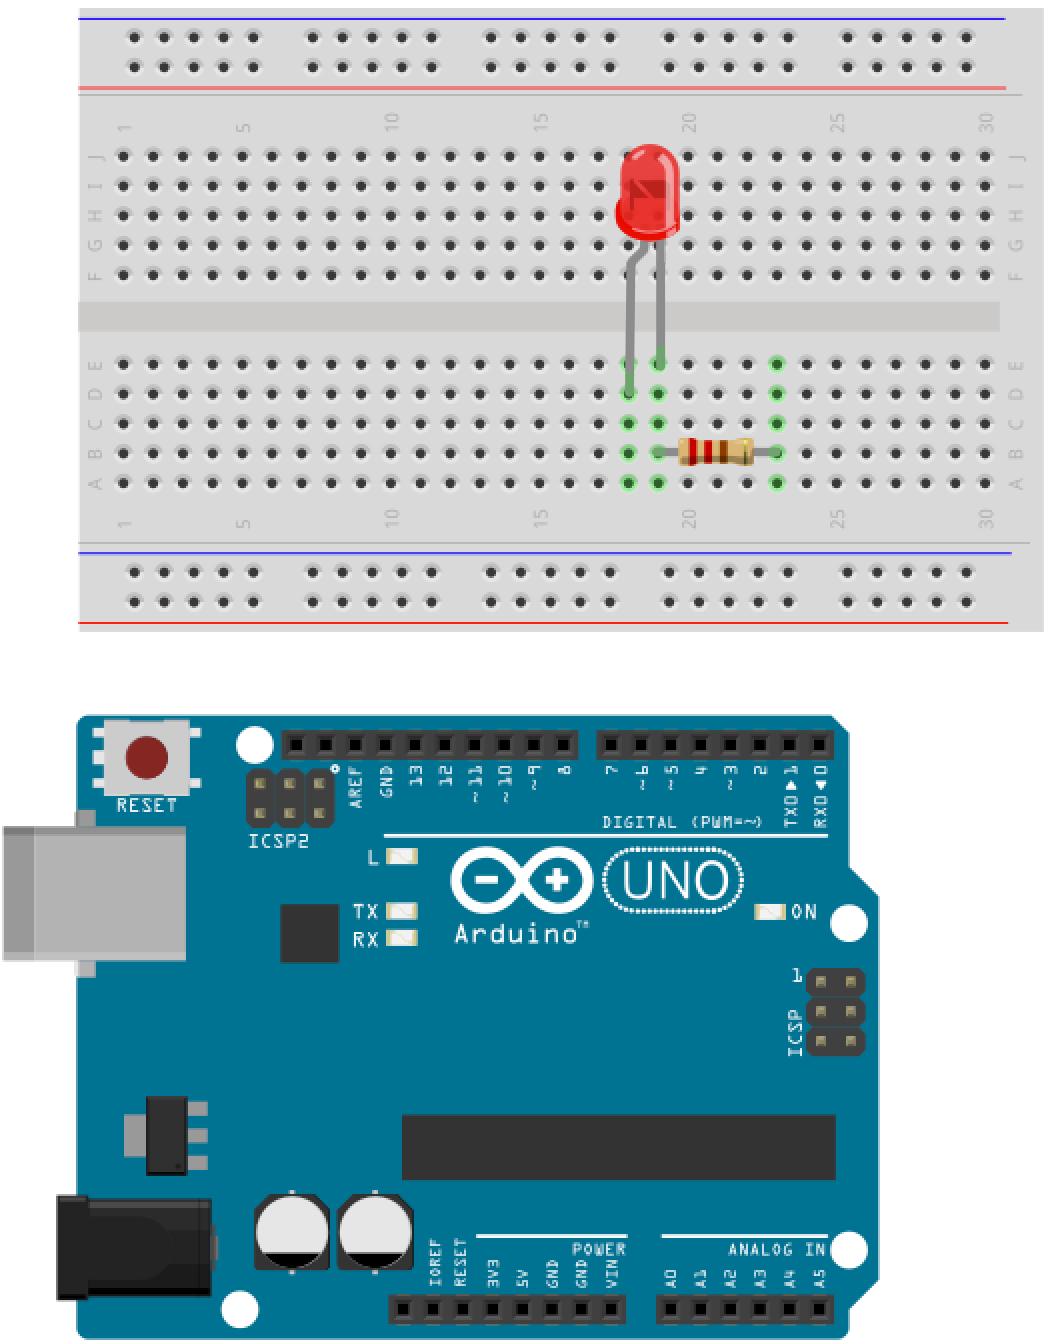 Unit fading leds using the analog output start hardware